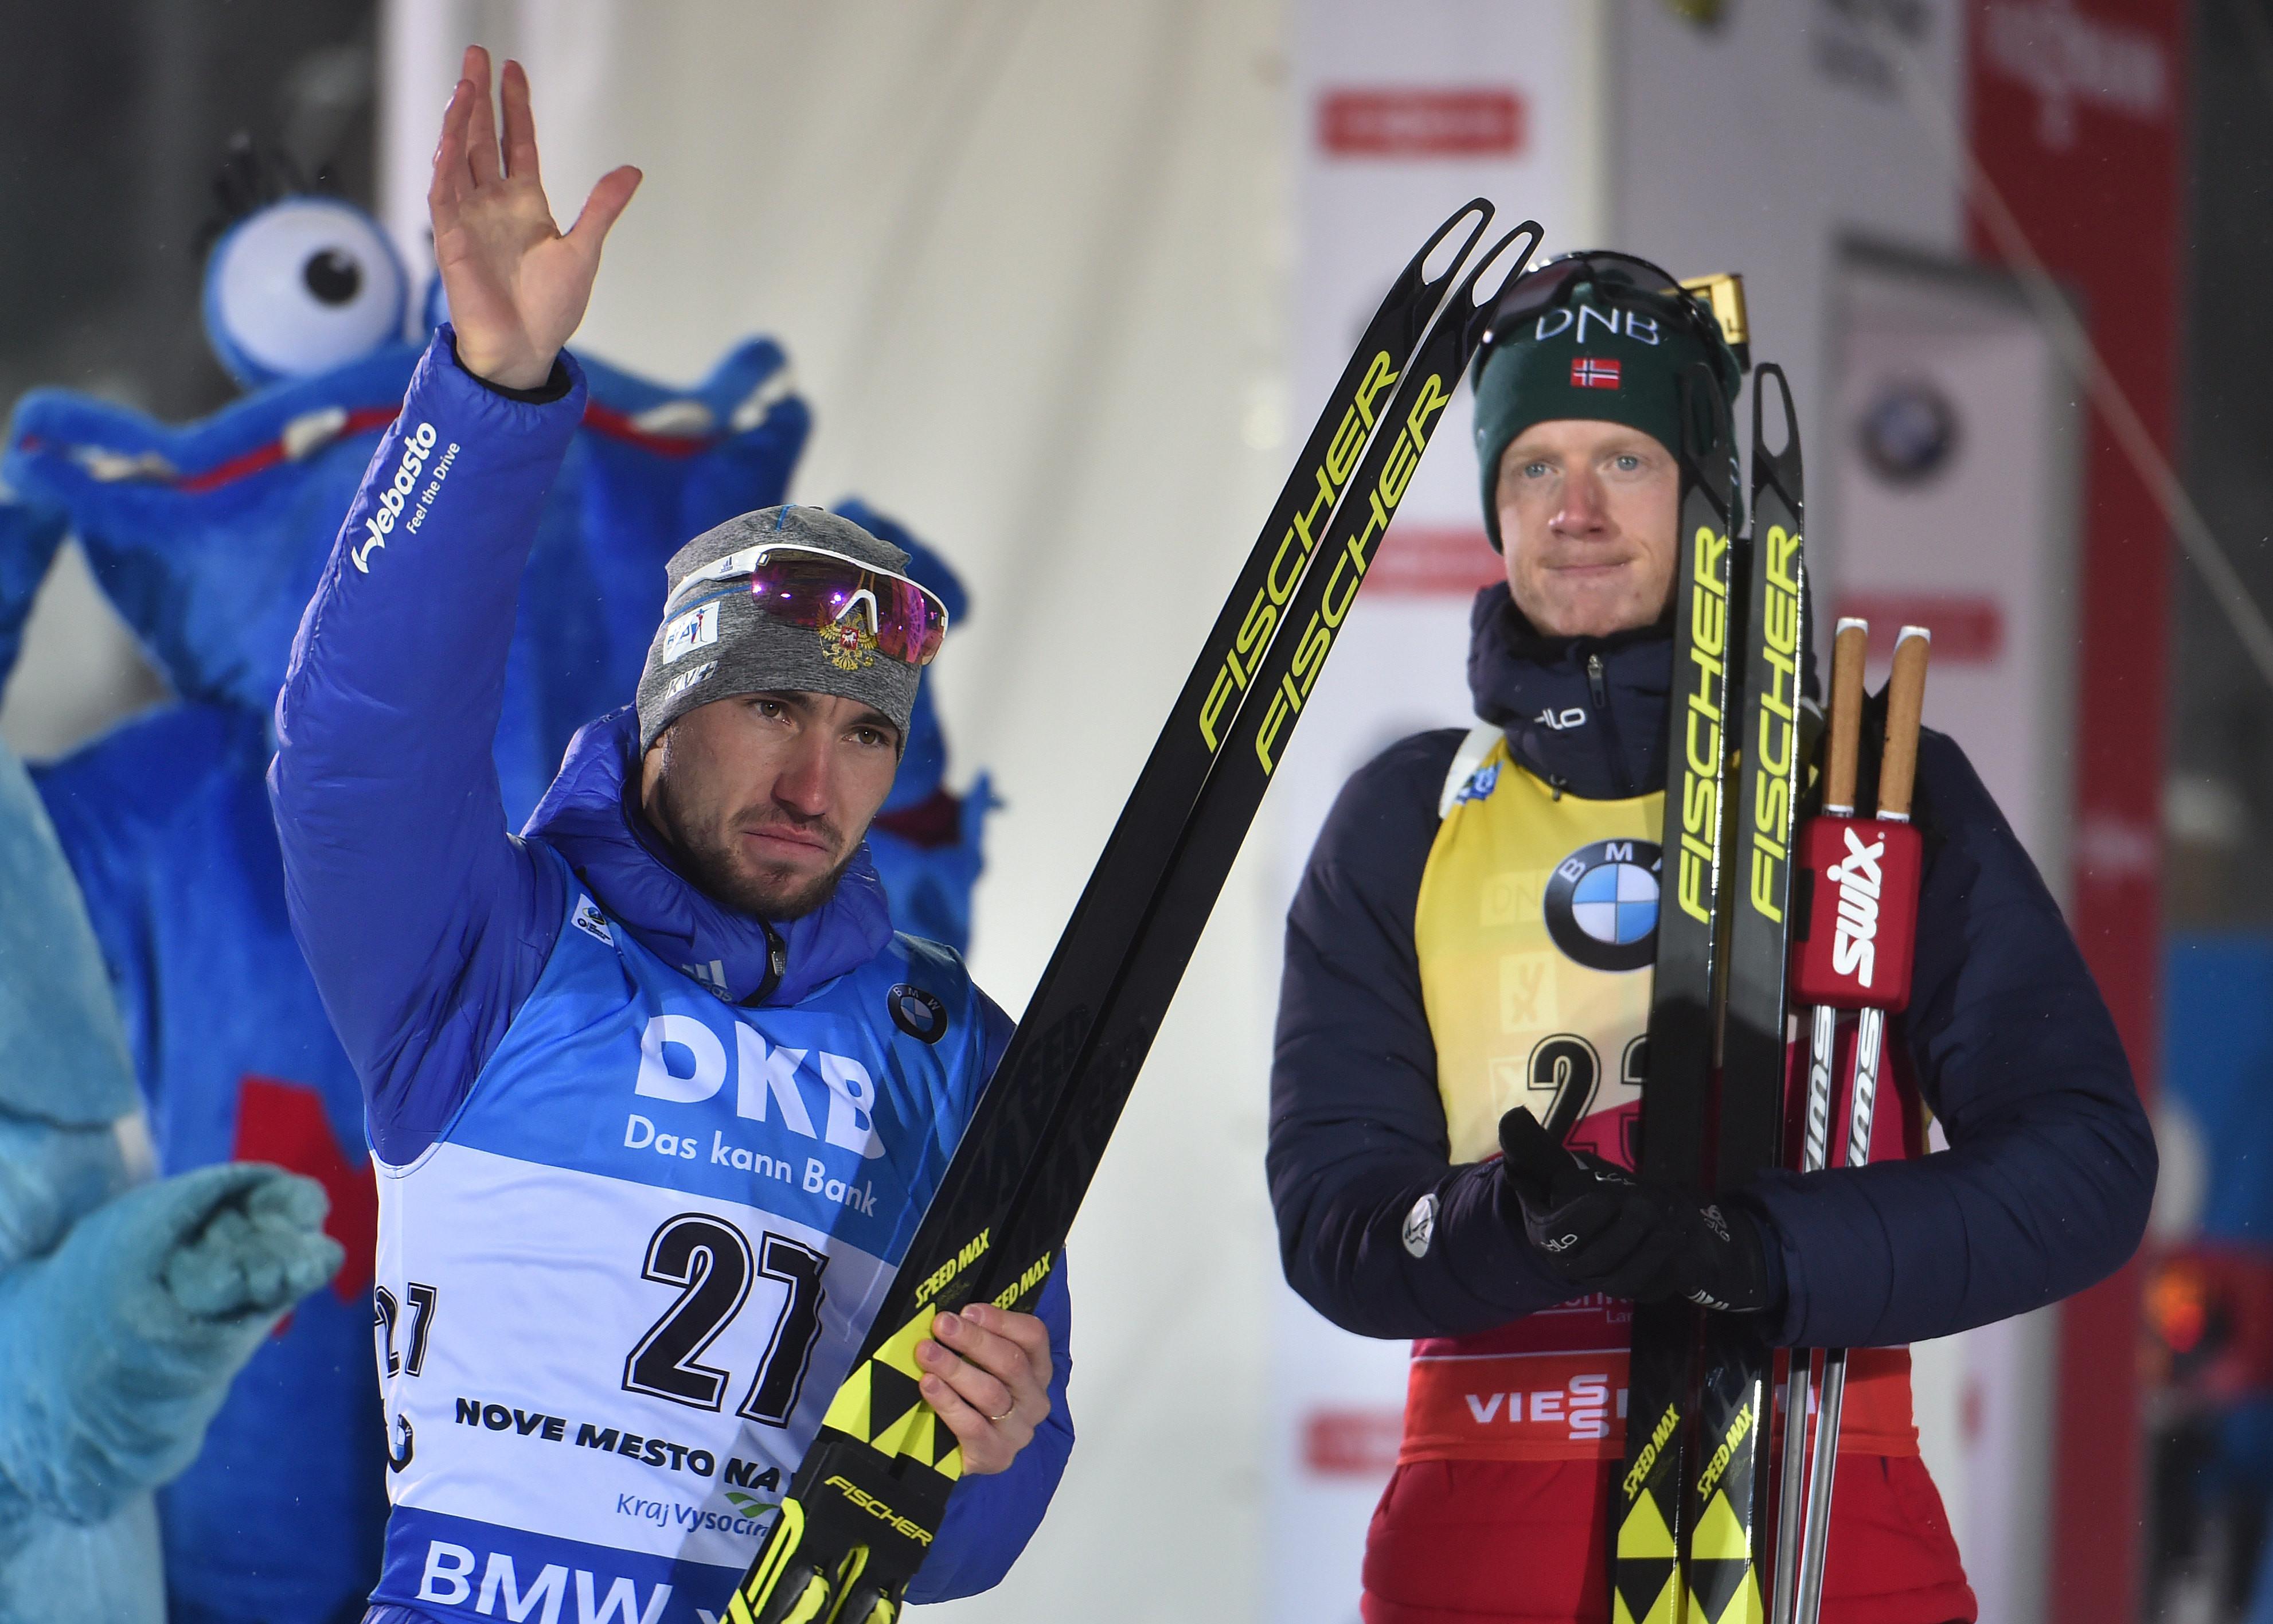 Норвежец Йоханнес Бе выиграл гонку преследования Логинов – пятый